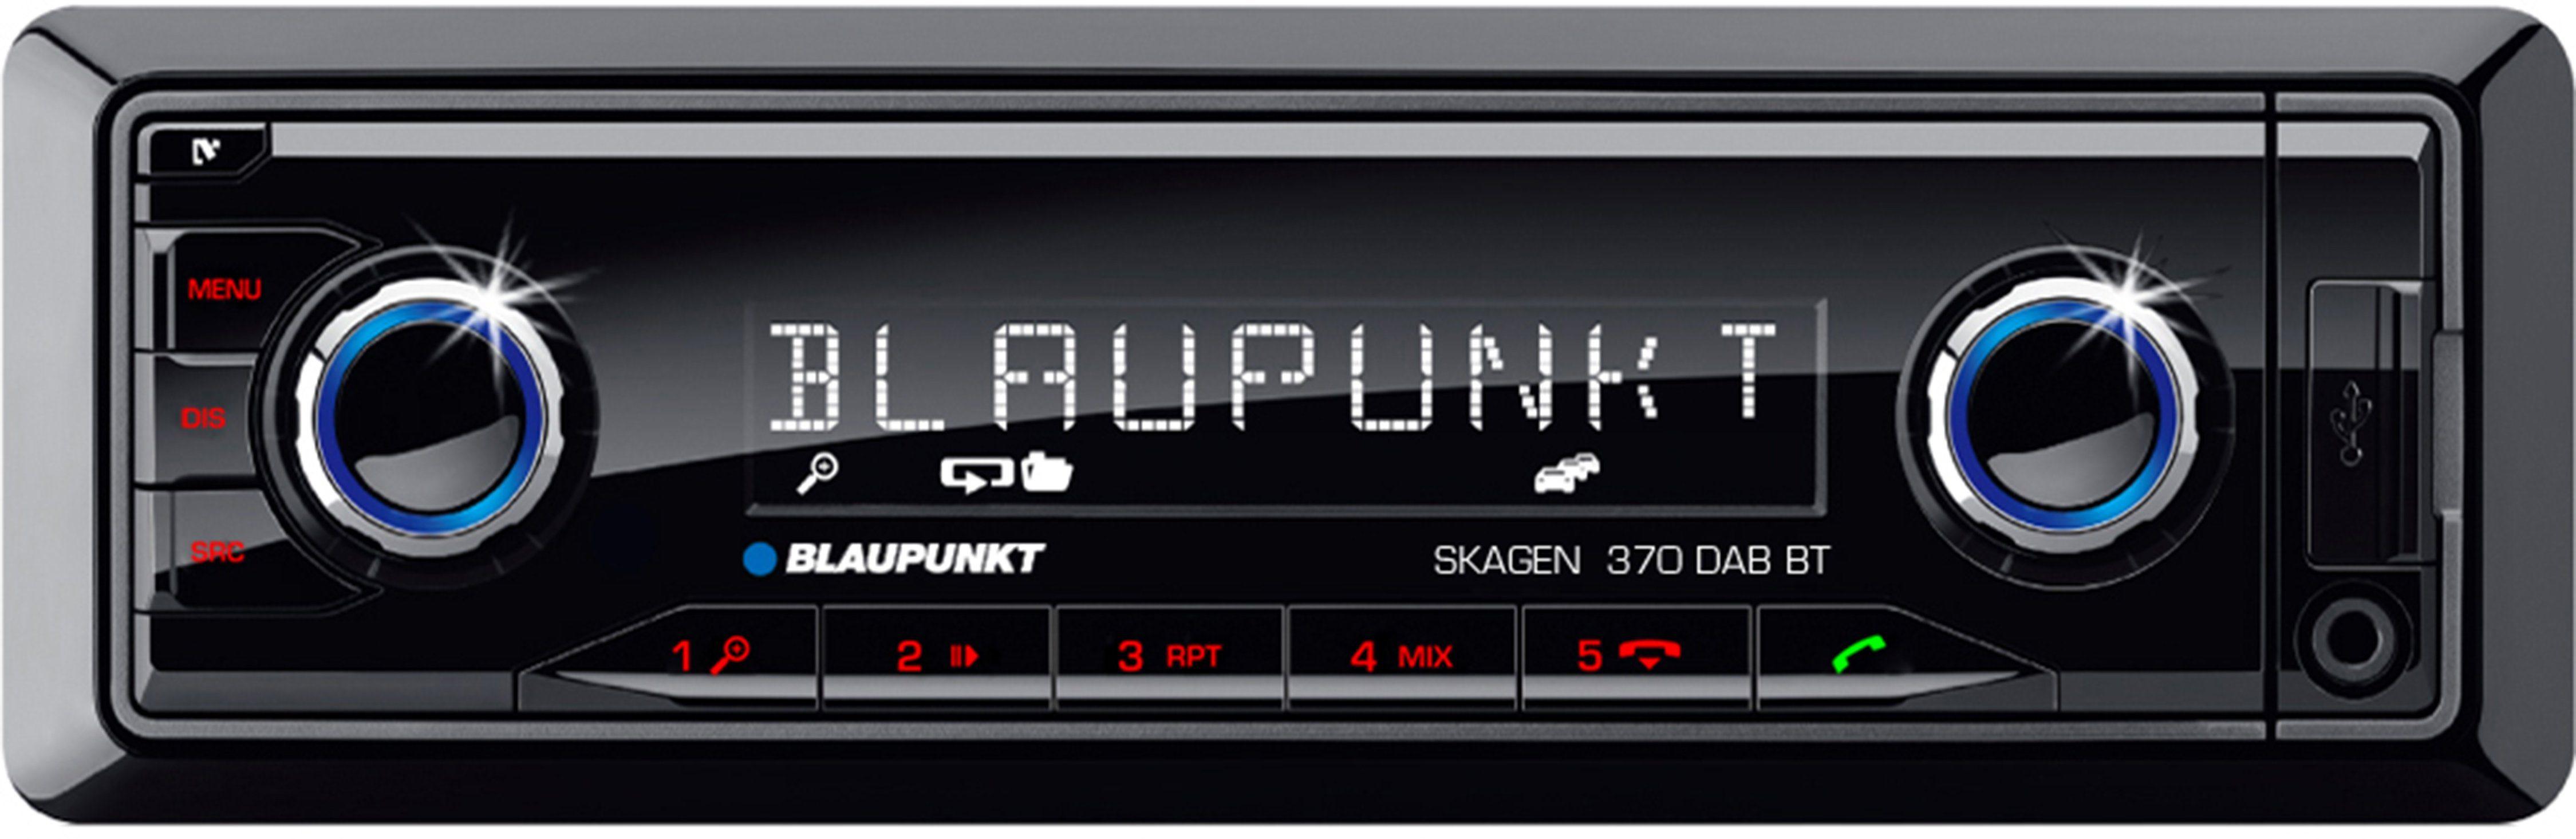 Blaupunkt 1-DIN Autoradio mit Bluetooth 2.0, USB- und SD-Anschluss »Skagen 370 DAB BT«